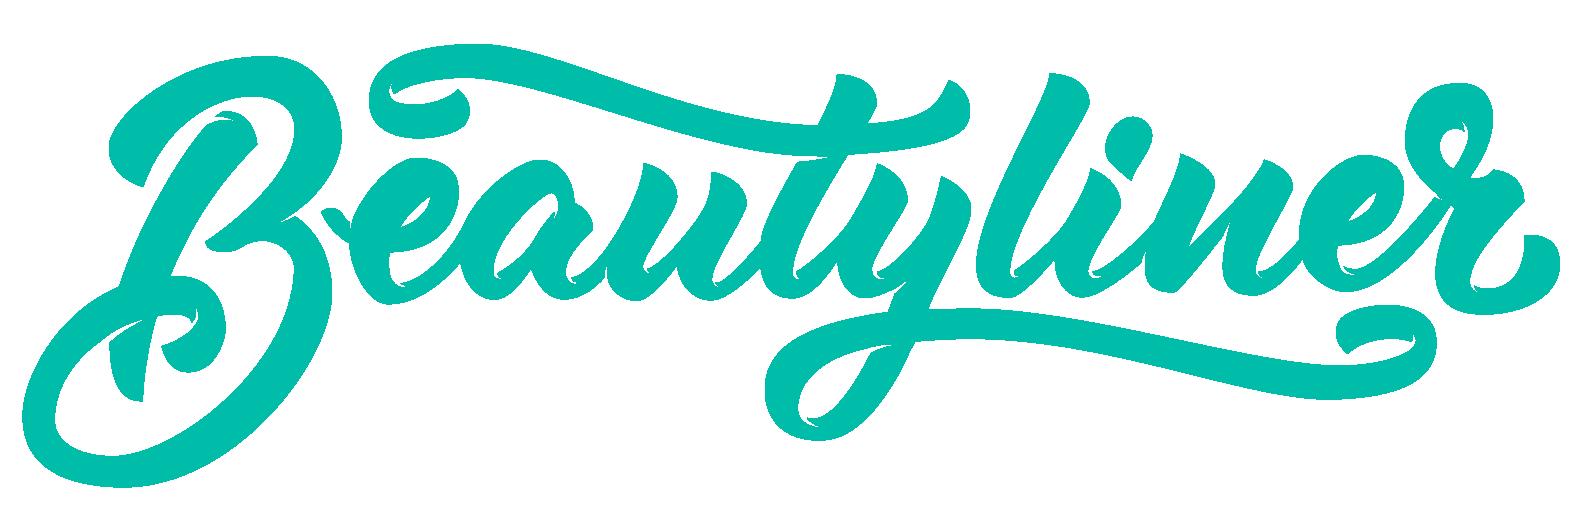 Beautylizer